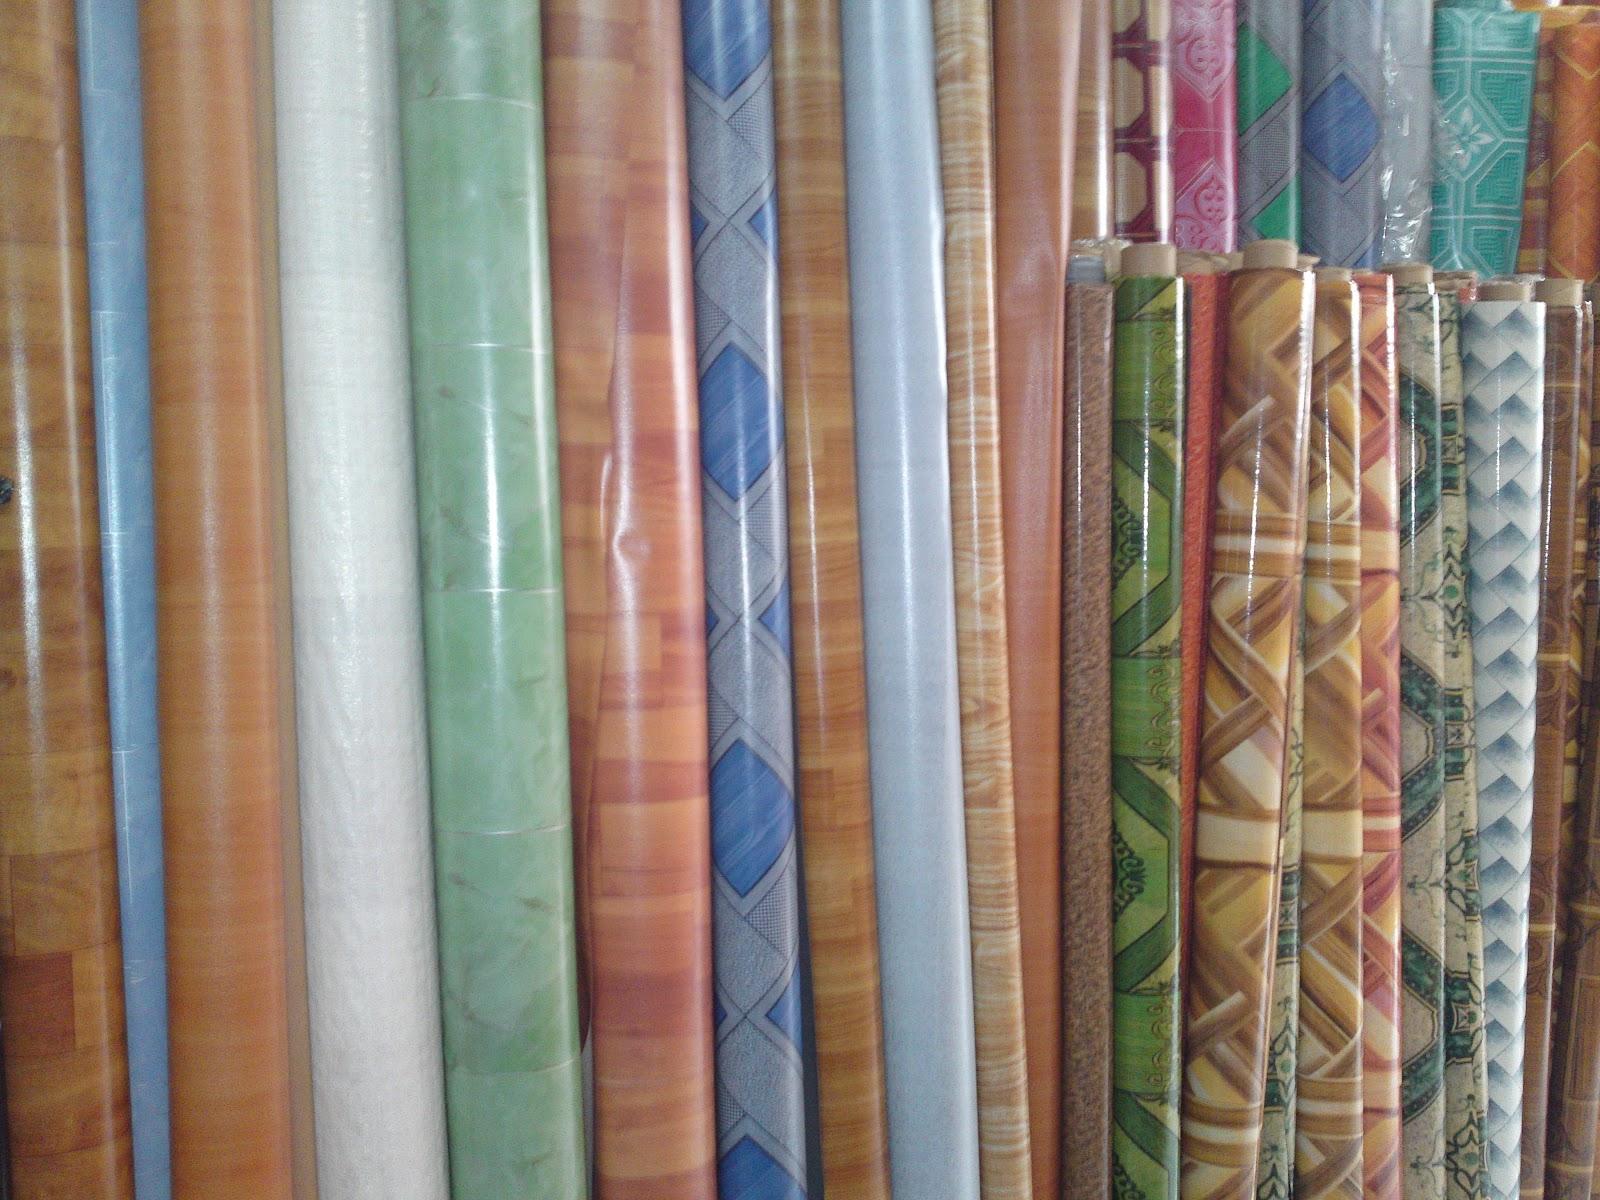 karpet plastik motif kayu: Jaya abadi karpet karpet lantai